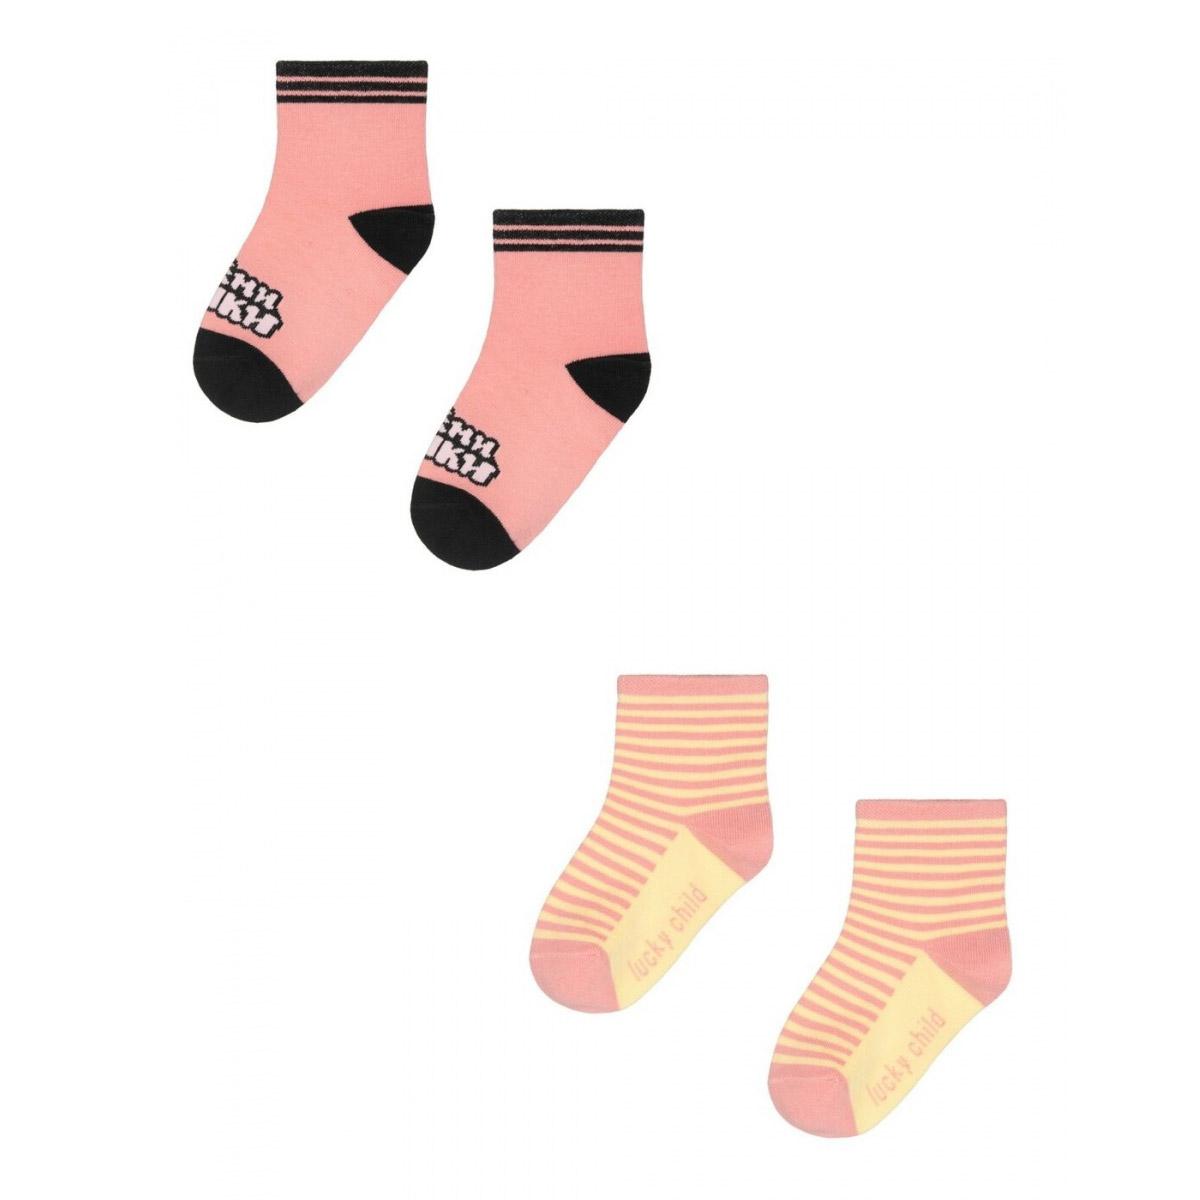 Купить Комплект носков Lucky Child МИ-МИ-МИШКИ розовый 2 шт 1416, Розовый, Кашкорсе, Для девочек, Всесезонный,